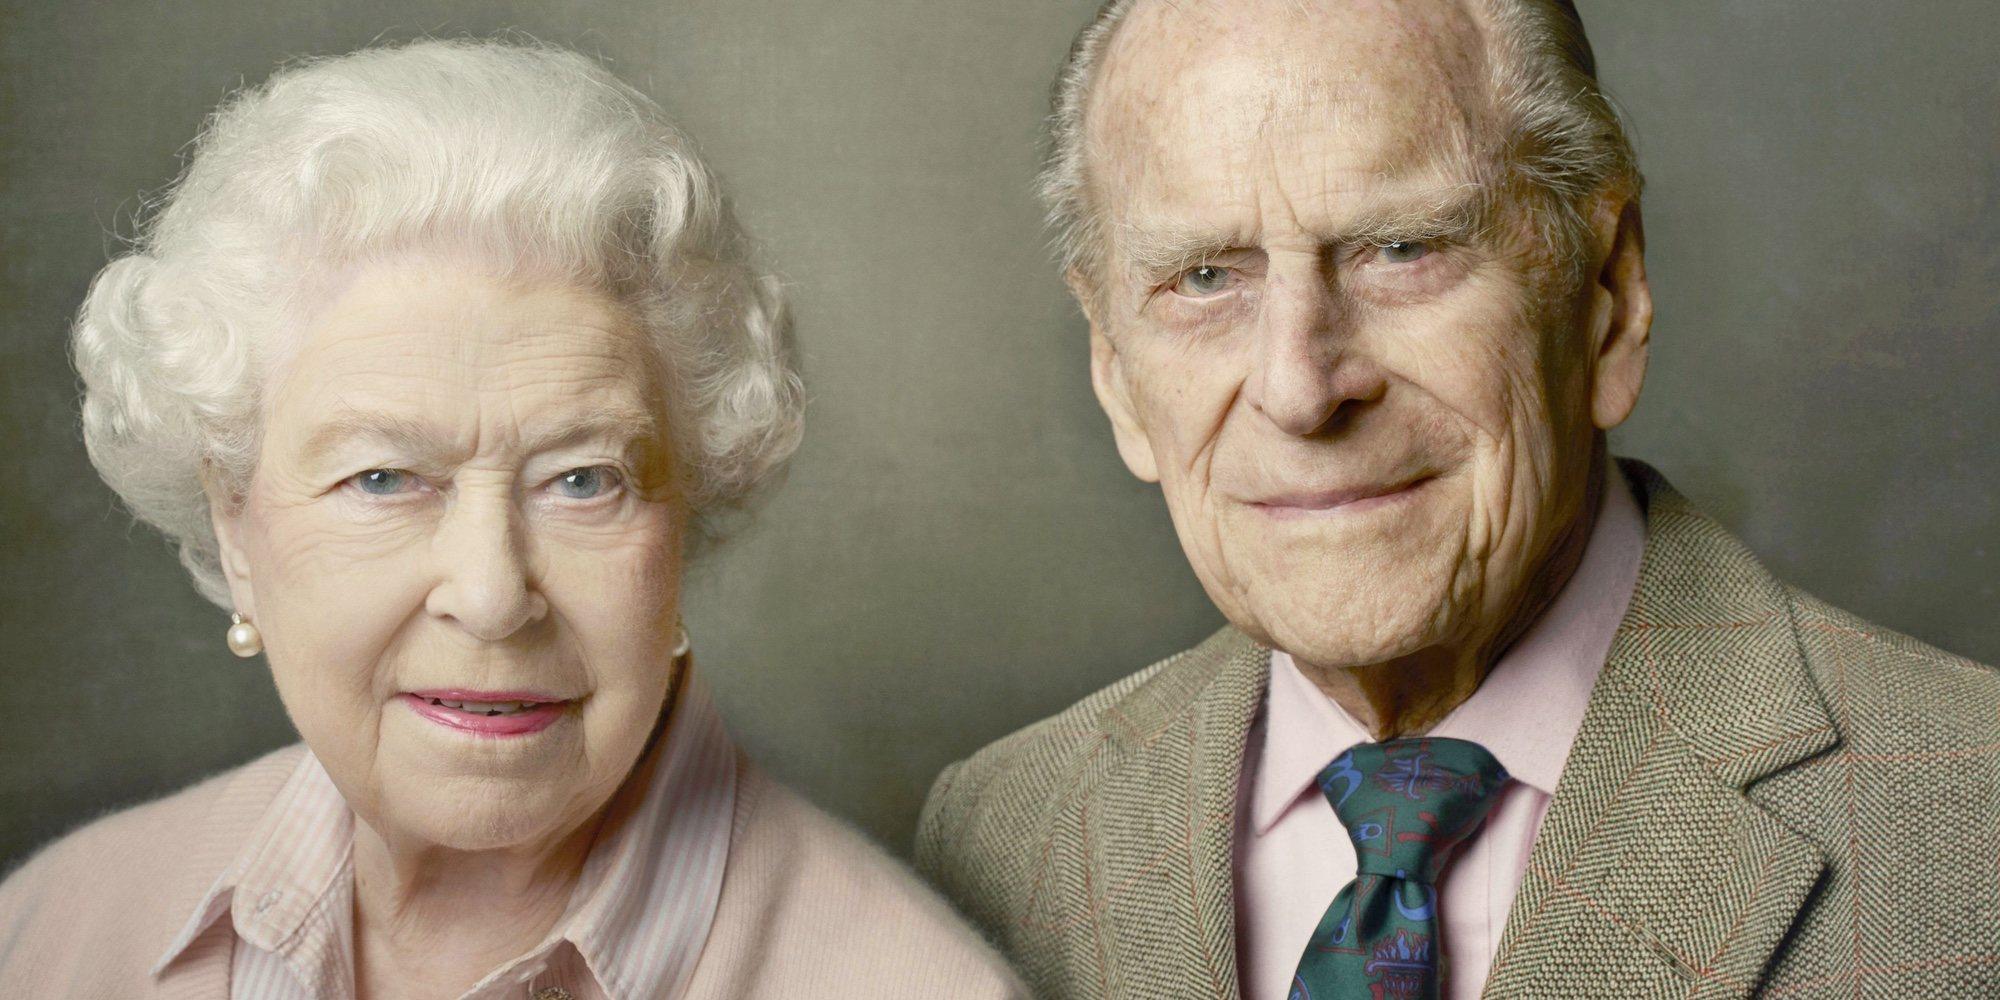 La Reina Isabel y el Duque de Edimburgo reciben la vacuna contra el coronavirus